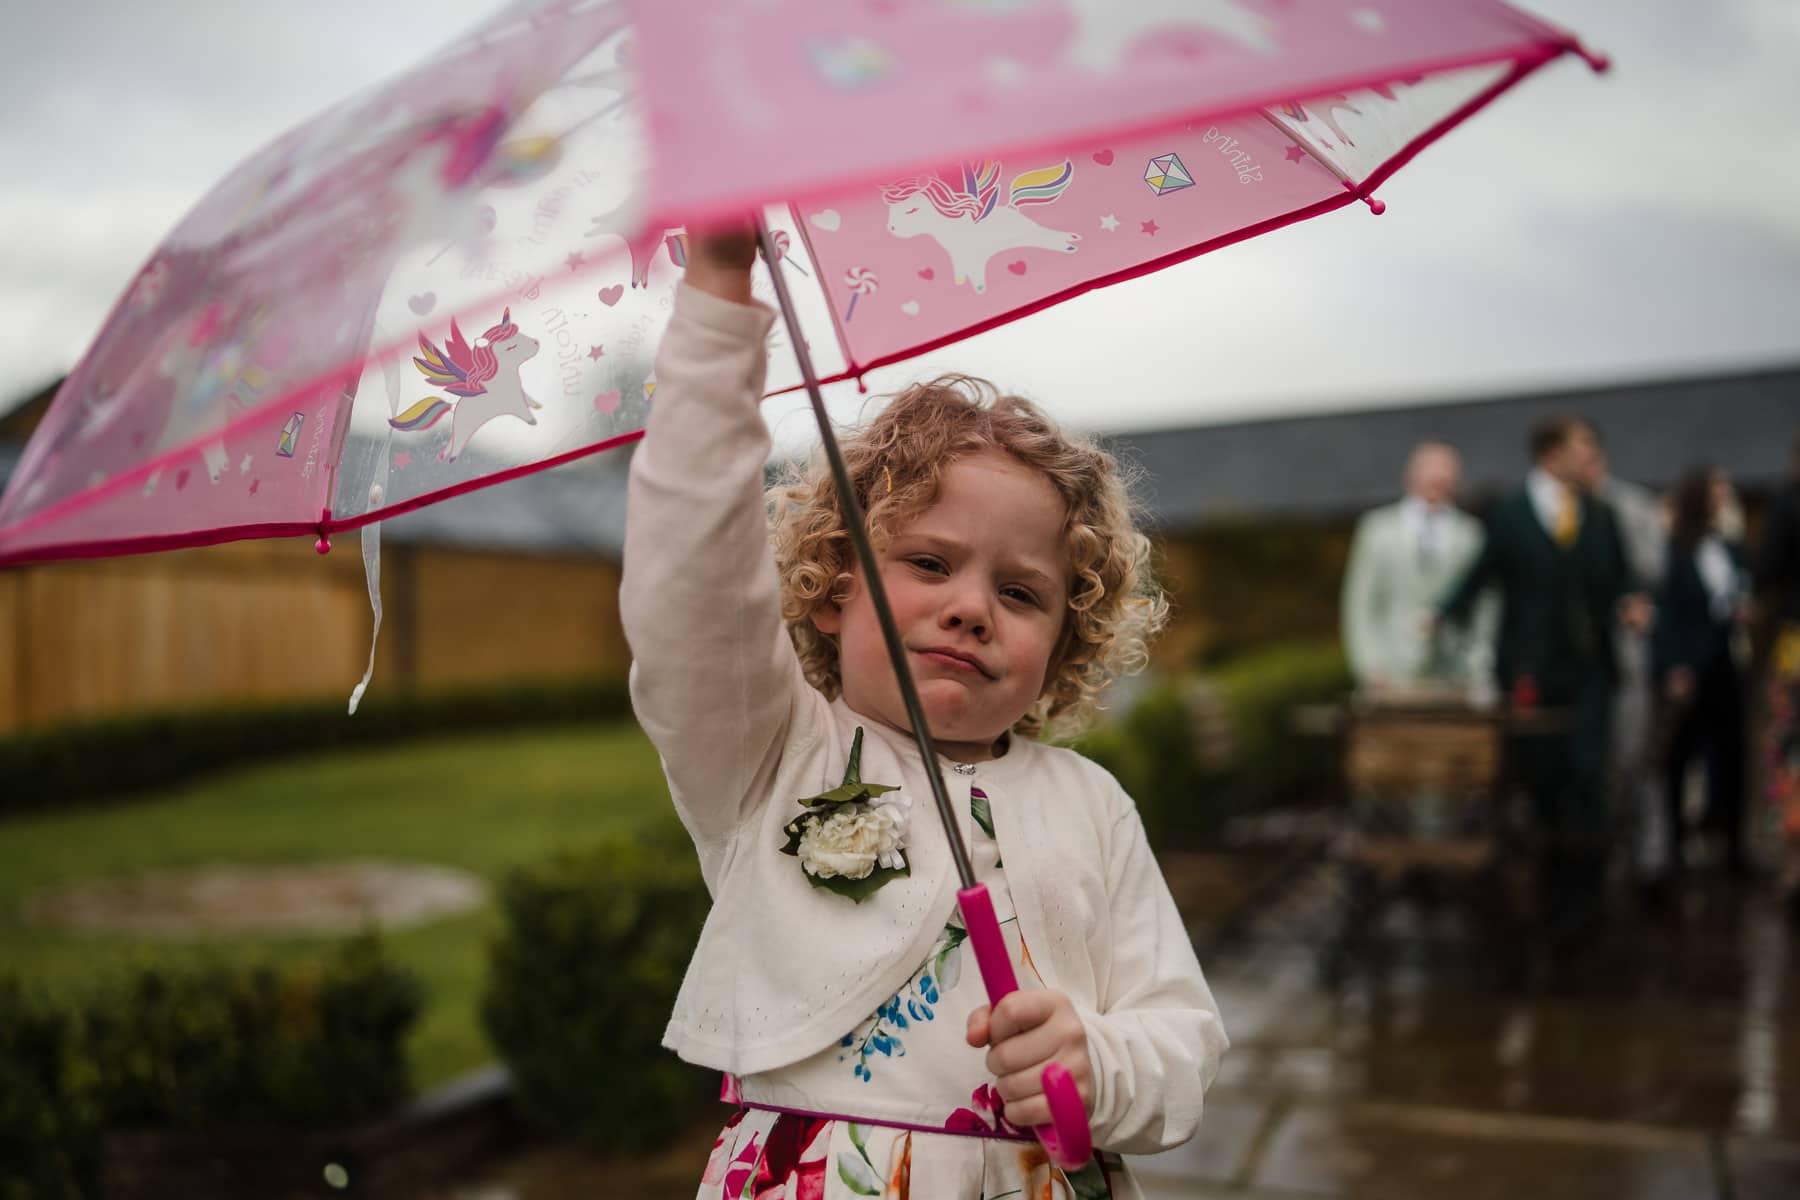 little girl extending umbrella